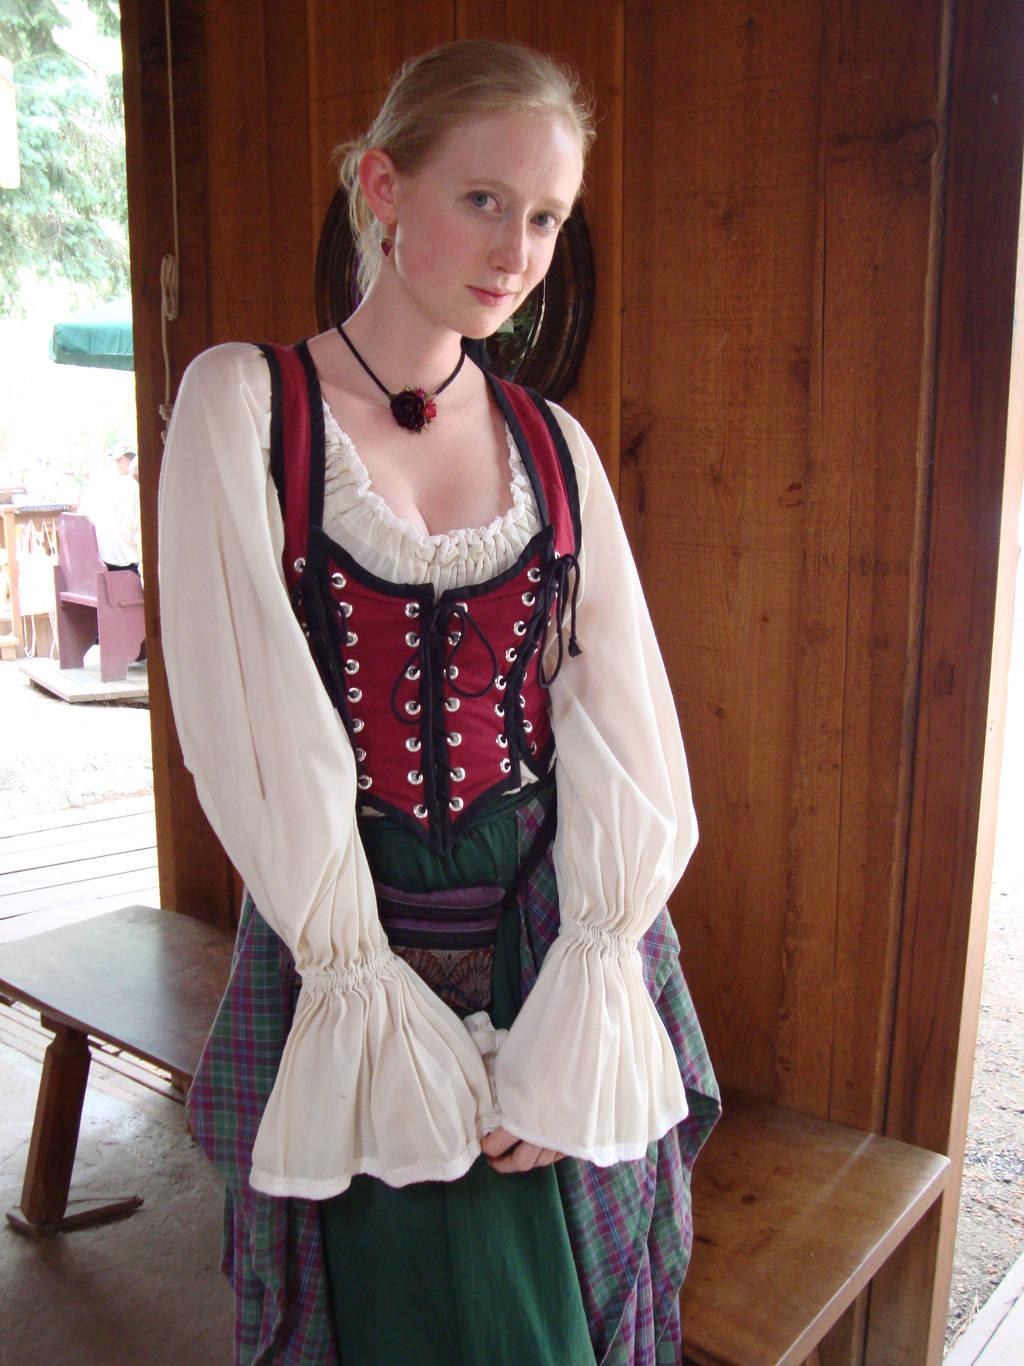 Germanic Maiden by gollumsalterego